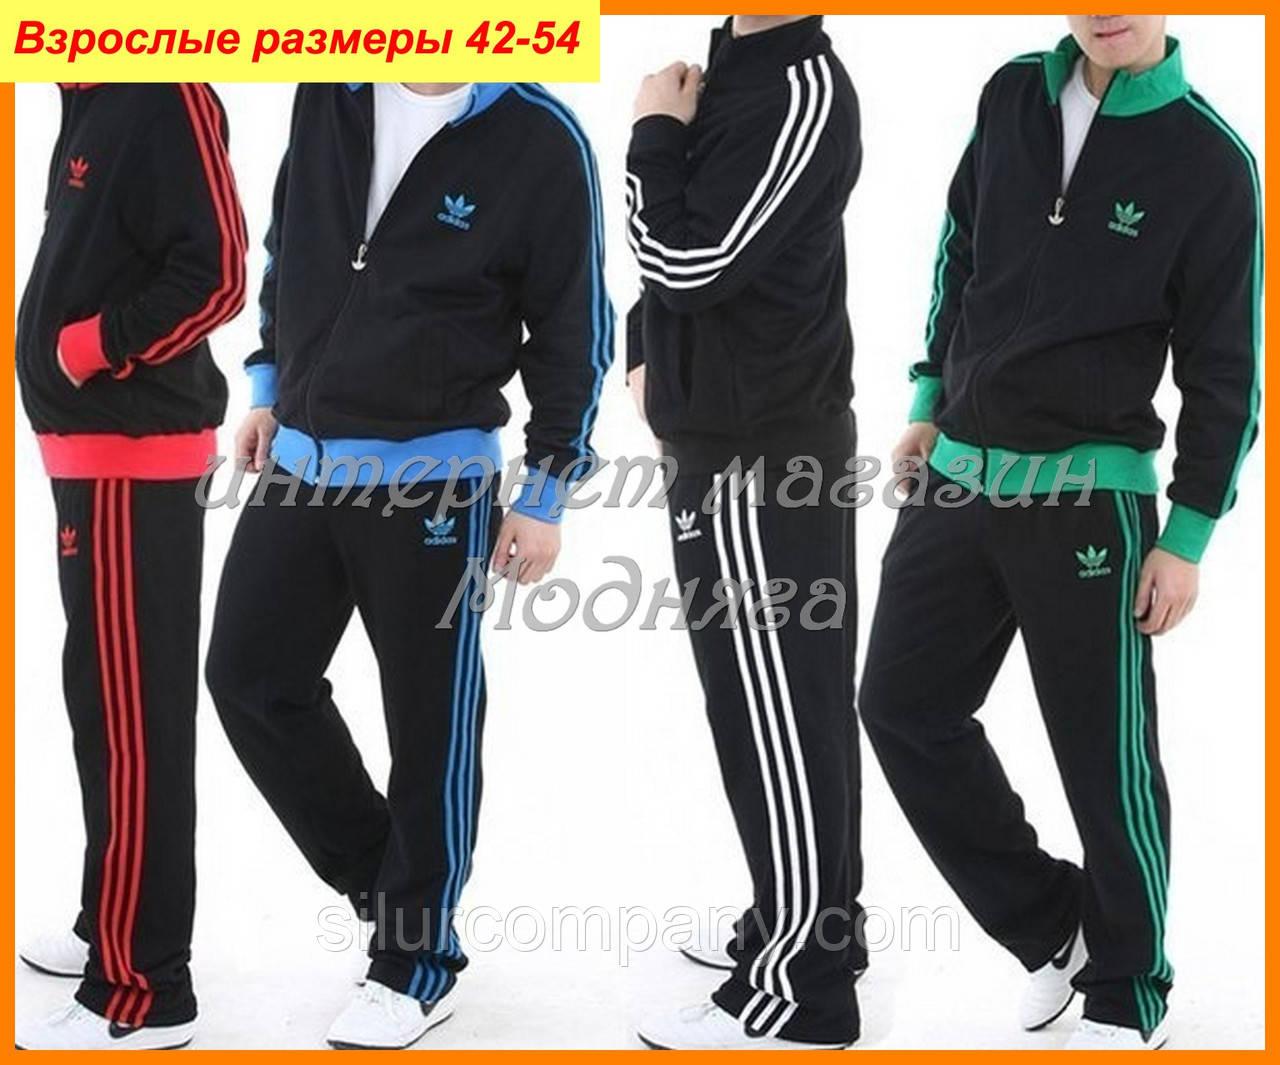 fc89ddad Спортивный костюм мужской Adidas | трикотажные костюмы - Интернет магазин